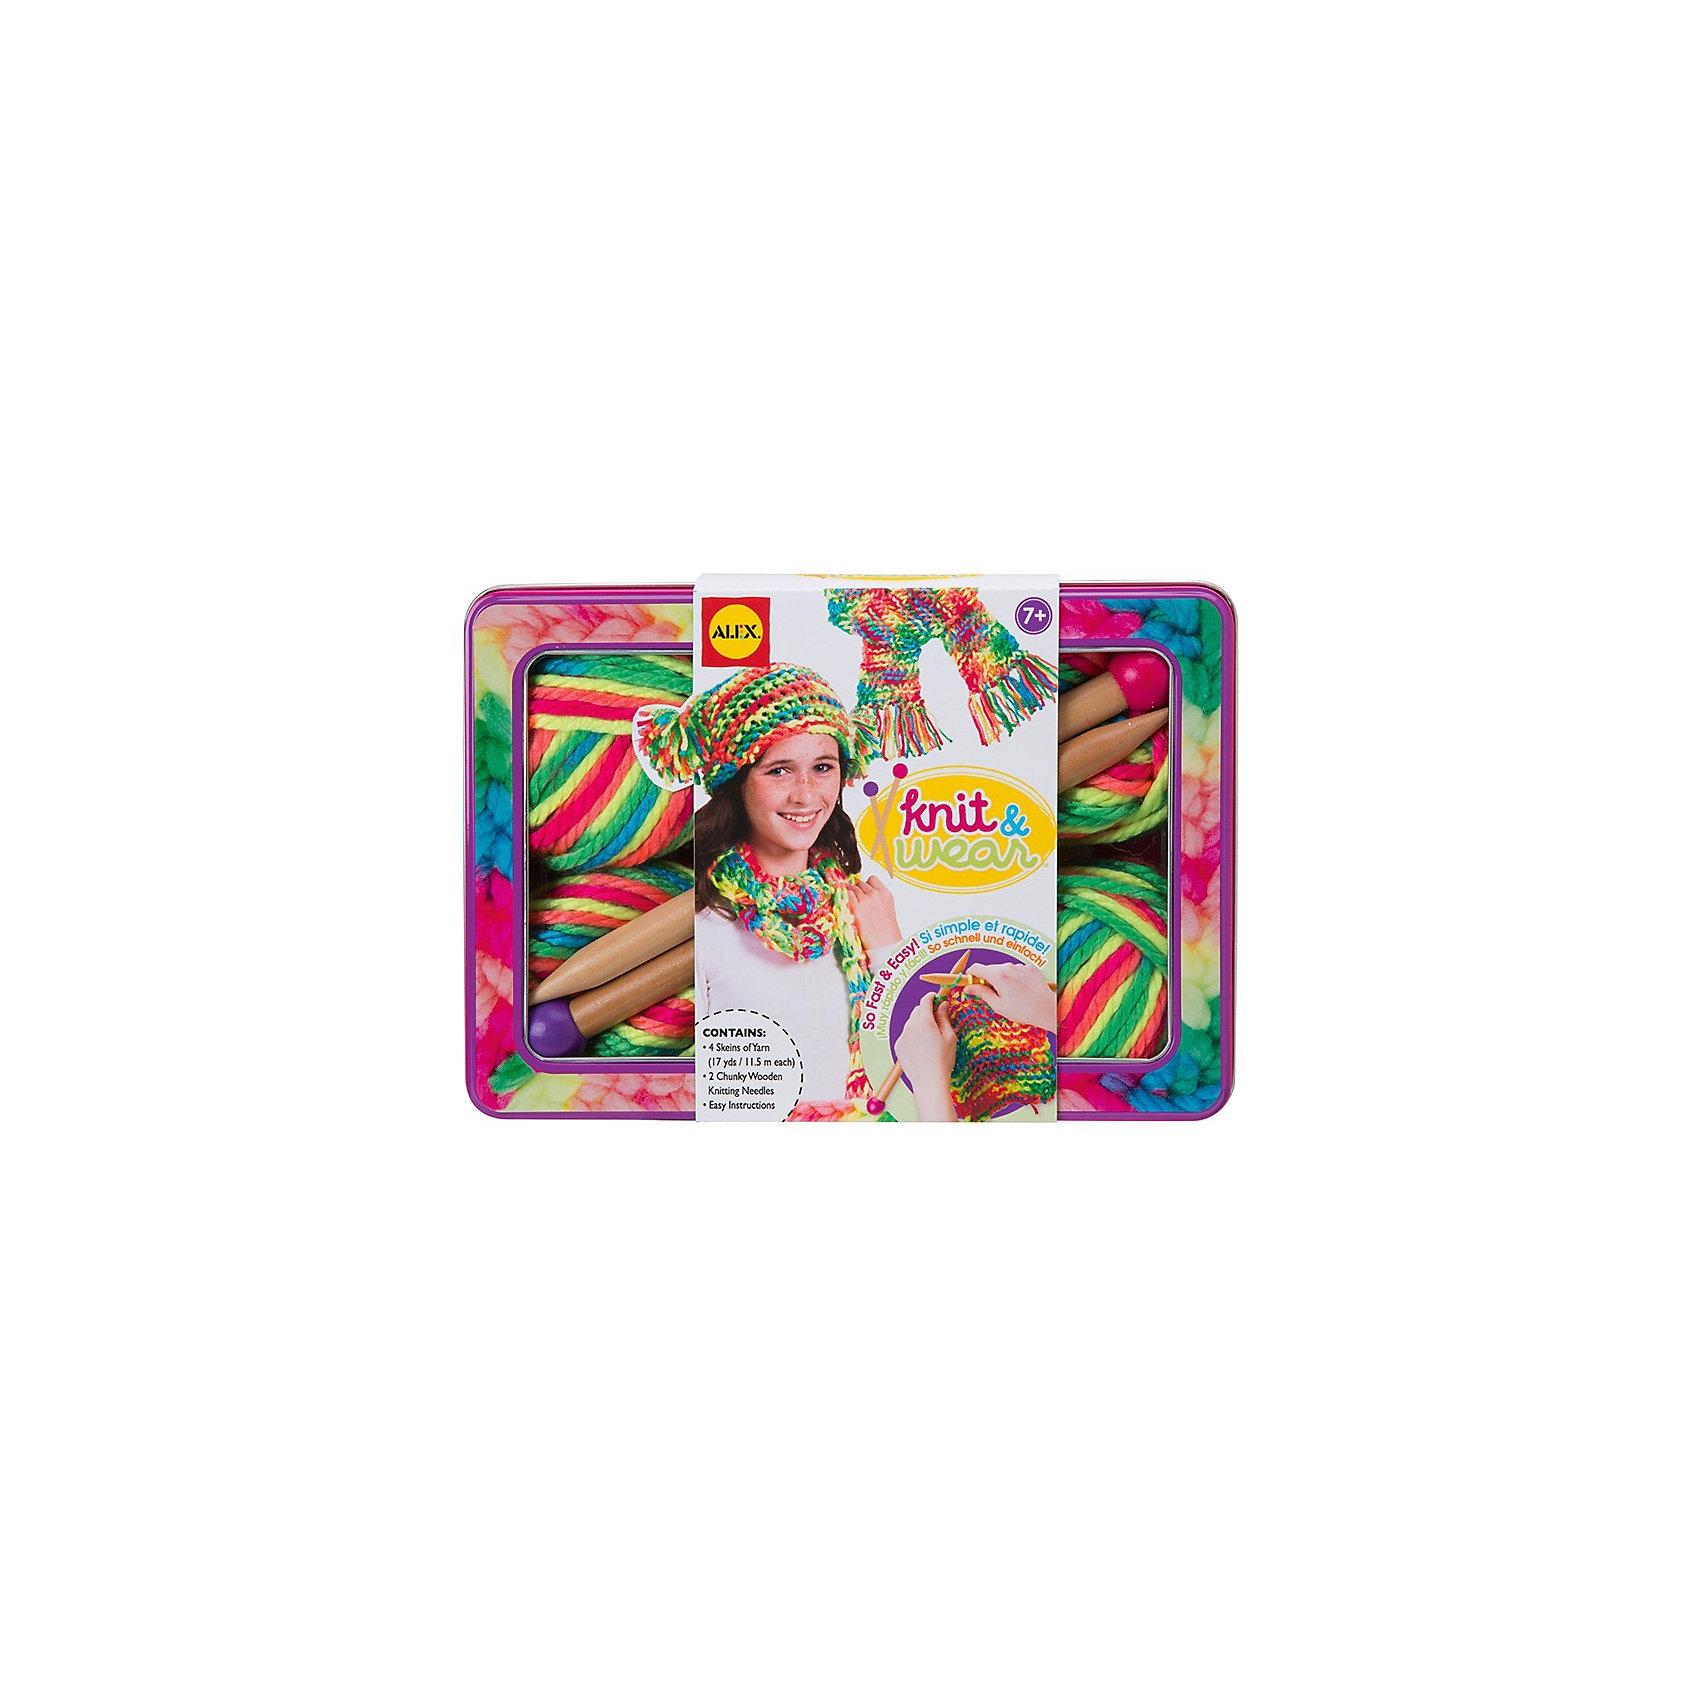 Набор для вязания спицами Разноцветные шарф и шапочка, AlexШерсть<br>Набор для  вязания спицами Разноцветные шарф и шапочка, Alex (Алекс) предназначен для обучения вязанию спицами. Благодаря комплекту девочка освоит вязание спицами и сможет создать великолепный красочный  комплект из шапки и шарфа, переливающихся всеми цветами радуги.<br>Вязание помогает развить воображение и фантазию, а сам процесс будет интересным и увлекательным.<br><br>Дополнительная информация:<br><br>- В наборе:<br>- чемоданчик<br>- 15,5 метров многоцветной нити всех цветов радуги<br>- деревянный спицы: 2 шт<br>- простая инструкция. <br>- размер упаковки: 26 х 18 х 7 см<br><br>Набор для  вязания спицами Разноцветные шарф и шапочка, Alex можно купить  в нашем магазине.<br><br>Ширина мм: 260<br>Глубина мм: 180<br>Высота мм: 70<br>Вес г: 800<br>Возраст от месяцев: 84<br>Возраст до месяцев: 168<br>Пол: Женский<br>Возраст: Детский<br>SKU: 3582871